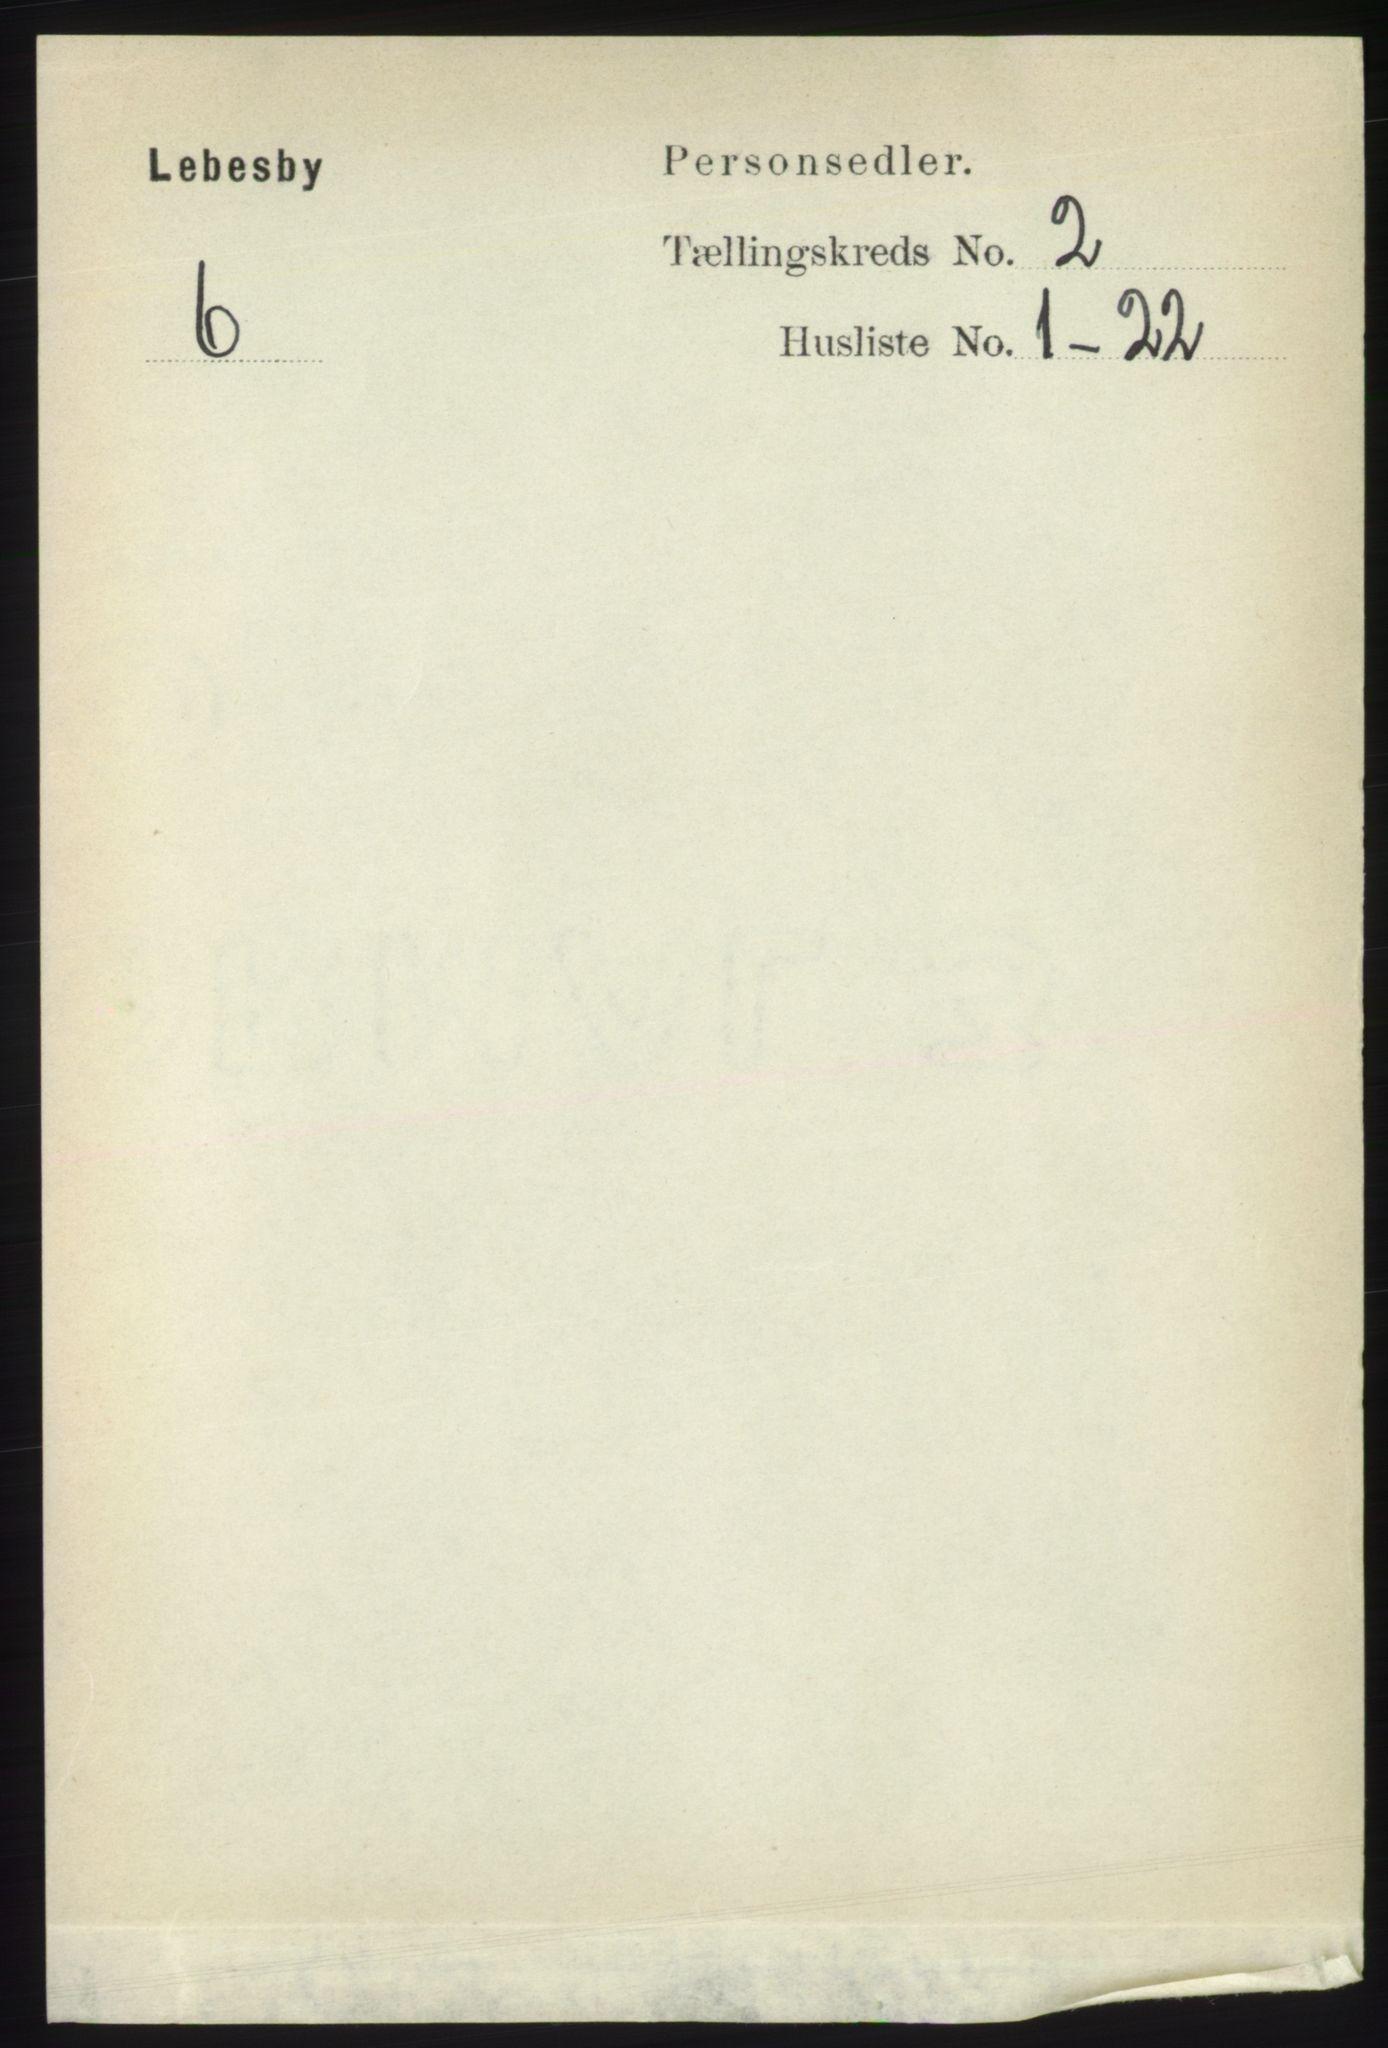 RA, Folketelling 1891 for 2022 Lebesby herred, 1891, s. 313